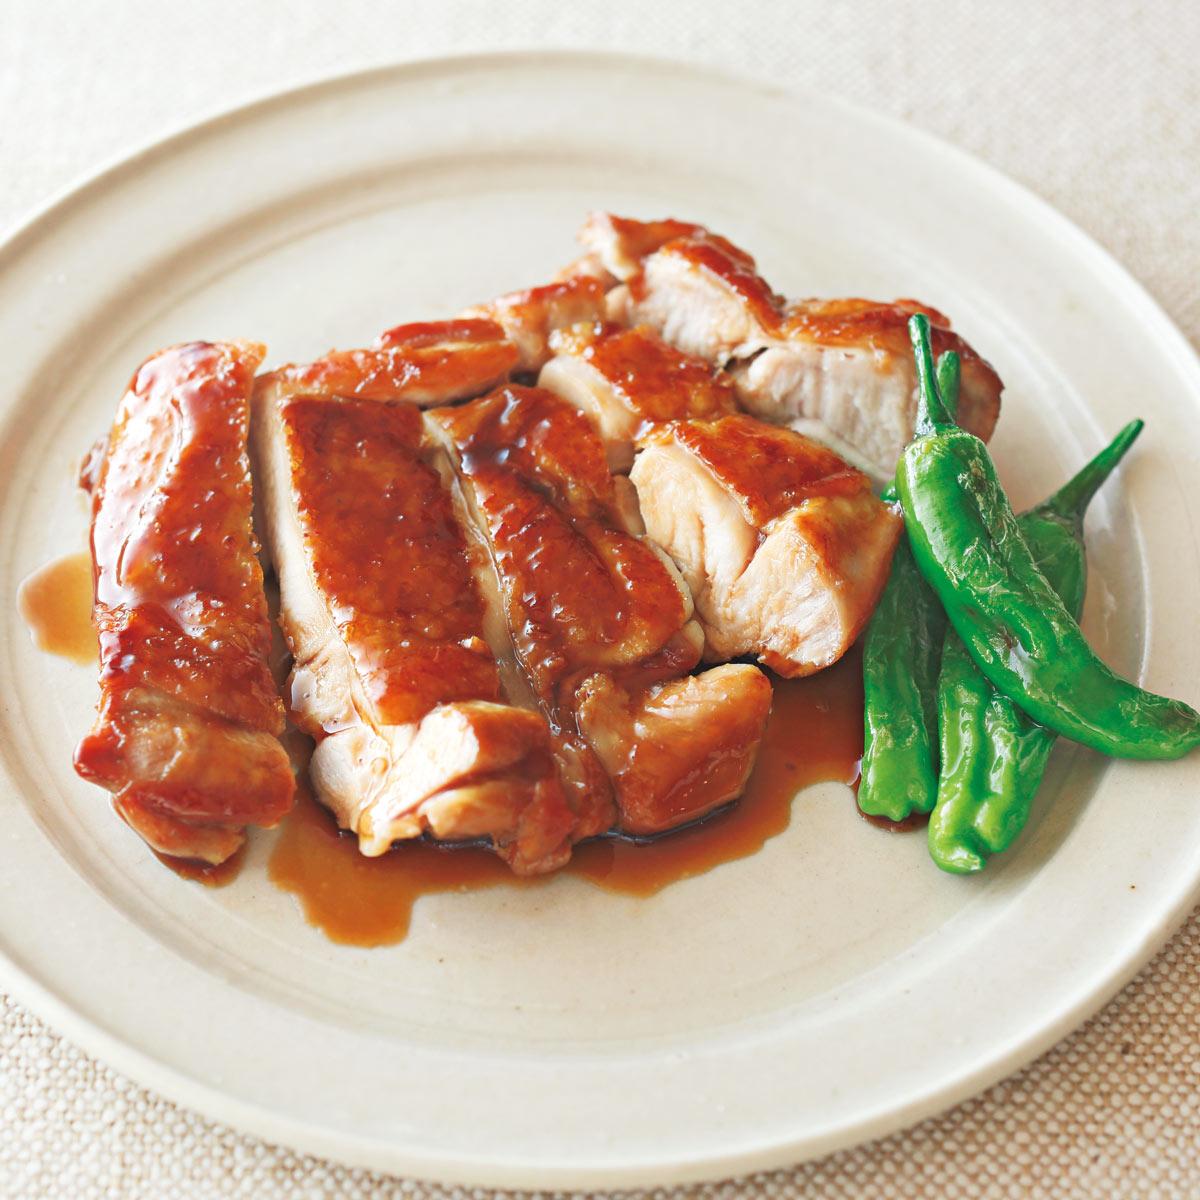 鶏の照り焼き(照り焼きチキン)